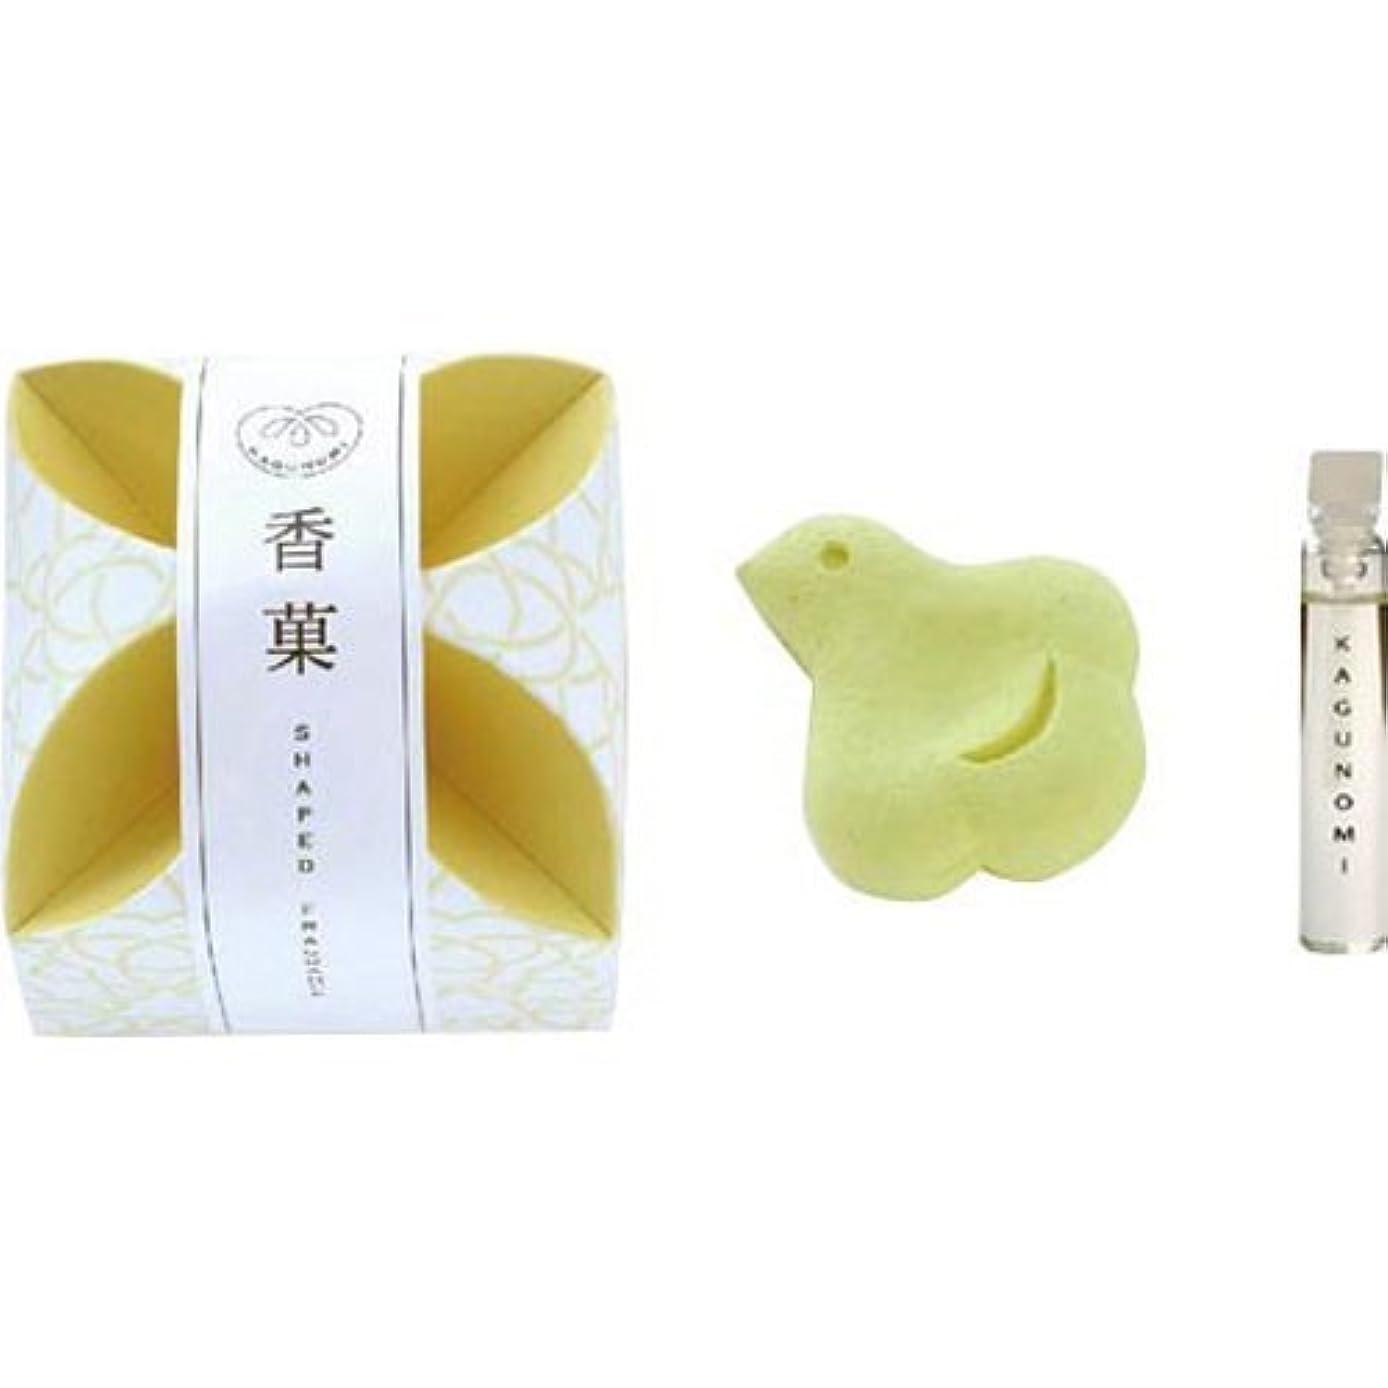 睡眠メイド上陸香菓 ちどり形(黄色)1入 オイル付